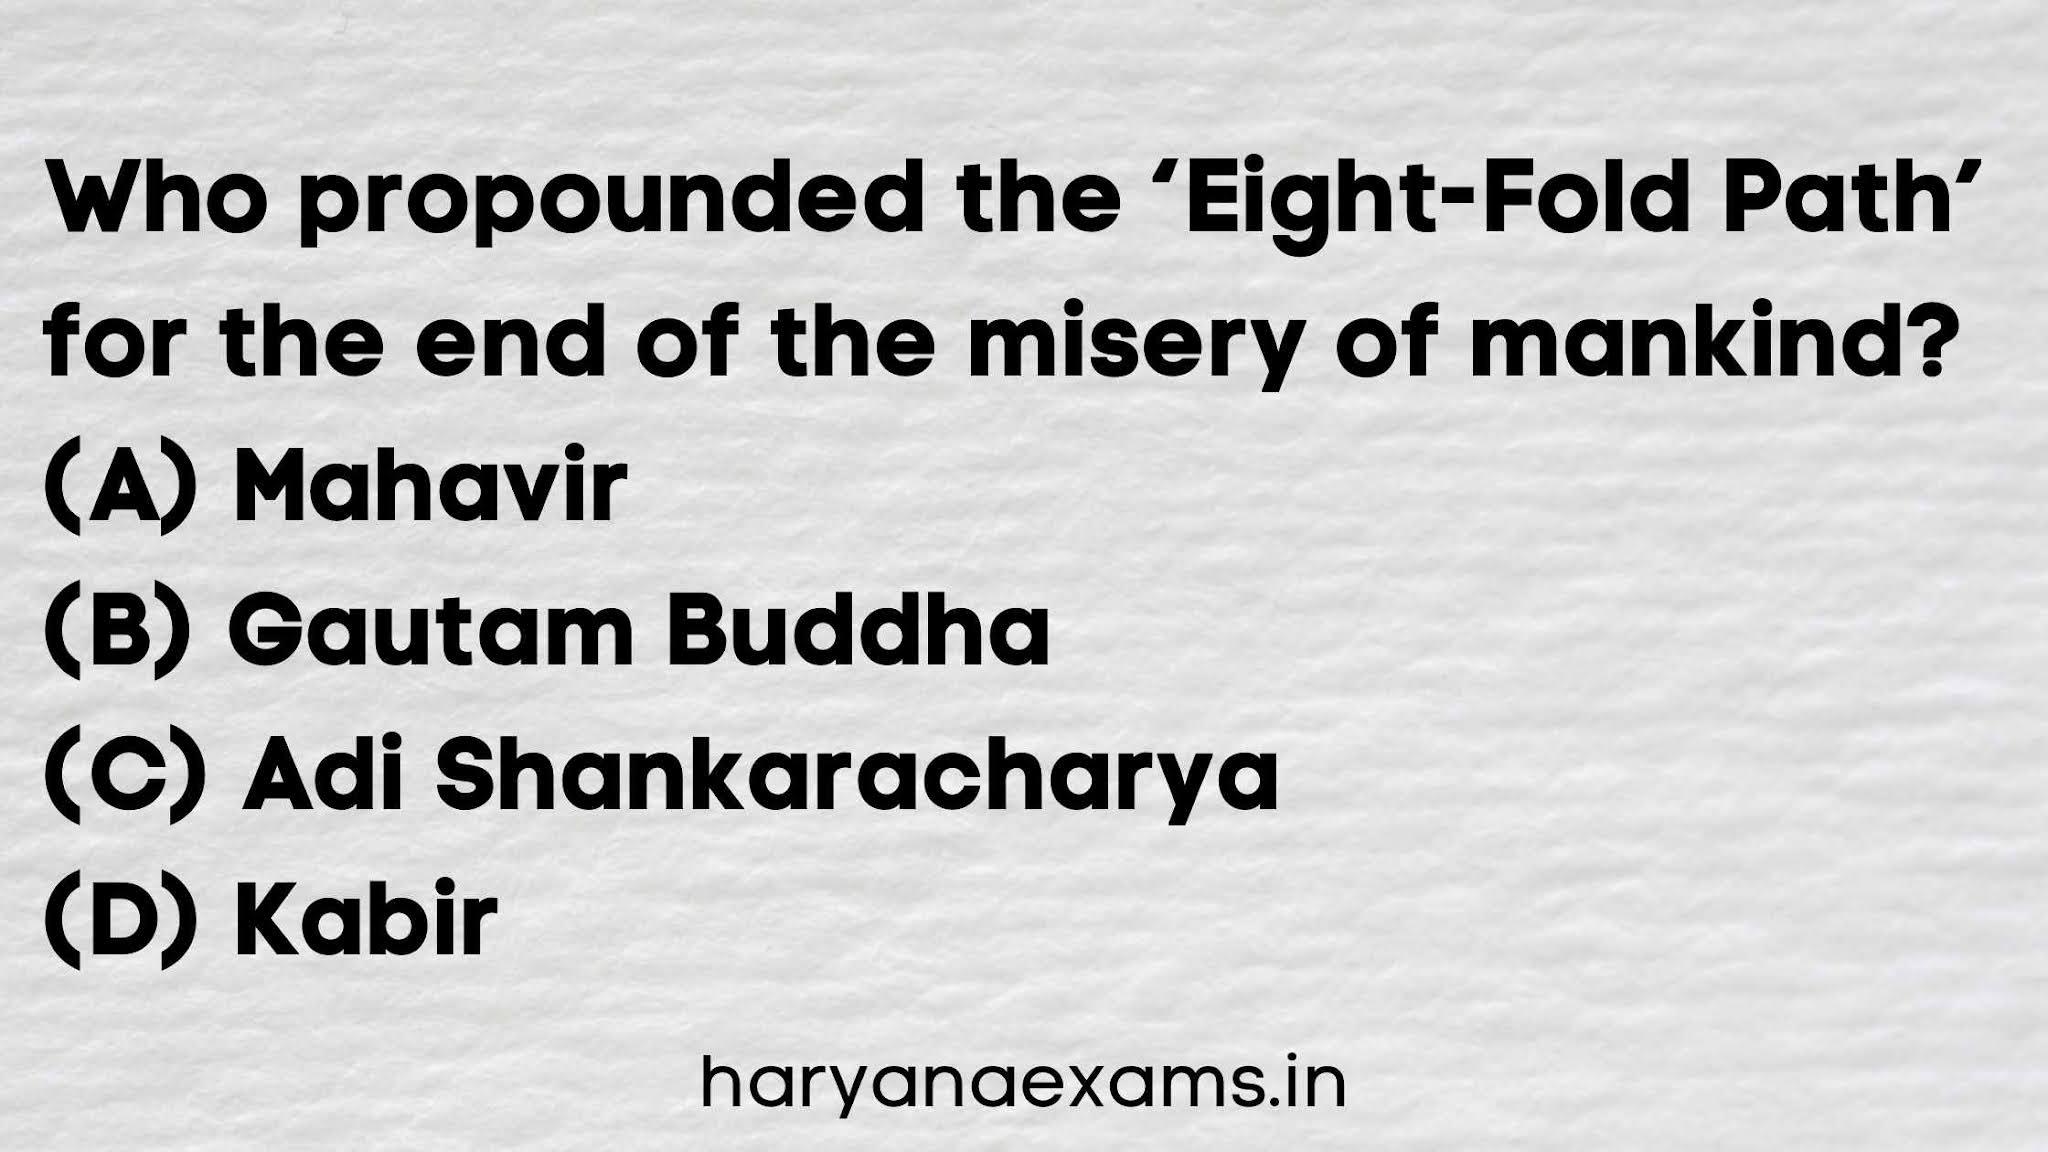 Who propounded the 'Eight-Fold Path' for the end of the misery of mankind?   (A) Mahavir   (B) Gautam Buddha   (C) Adi Shankaracharya   (D) Kabir